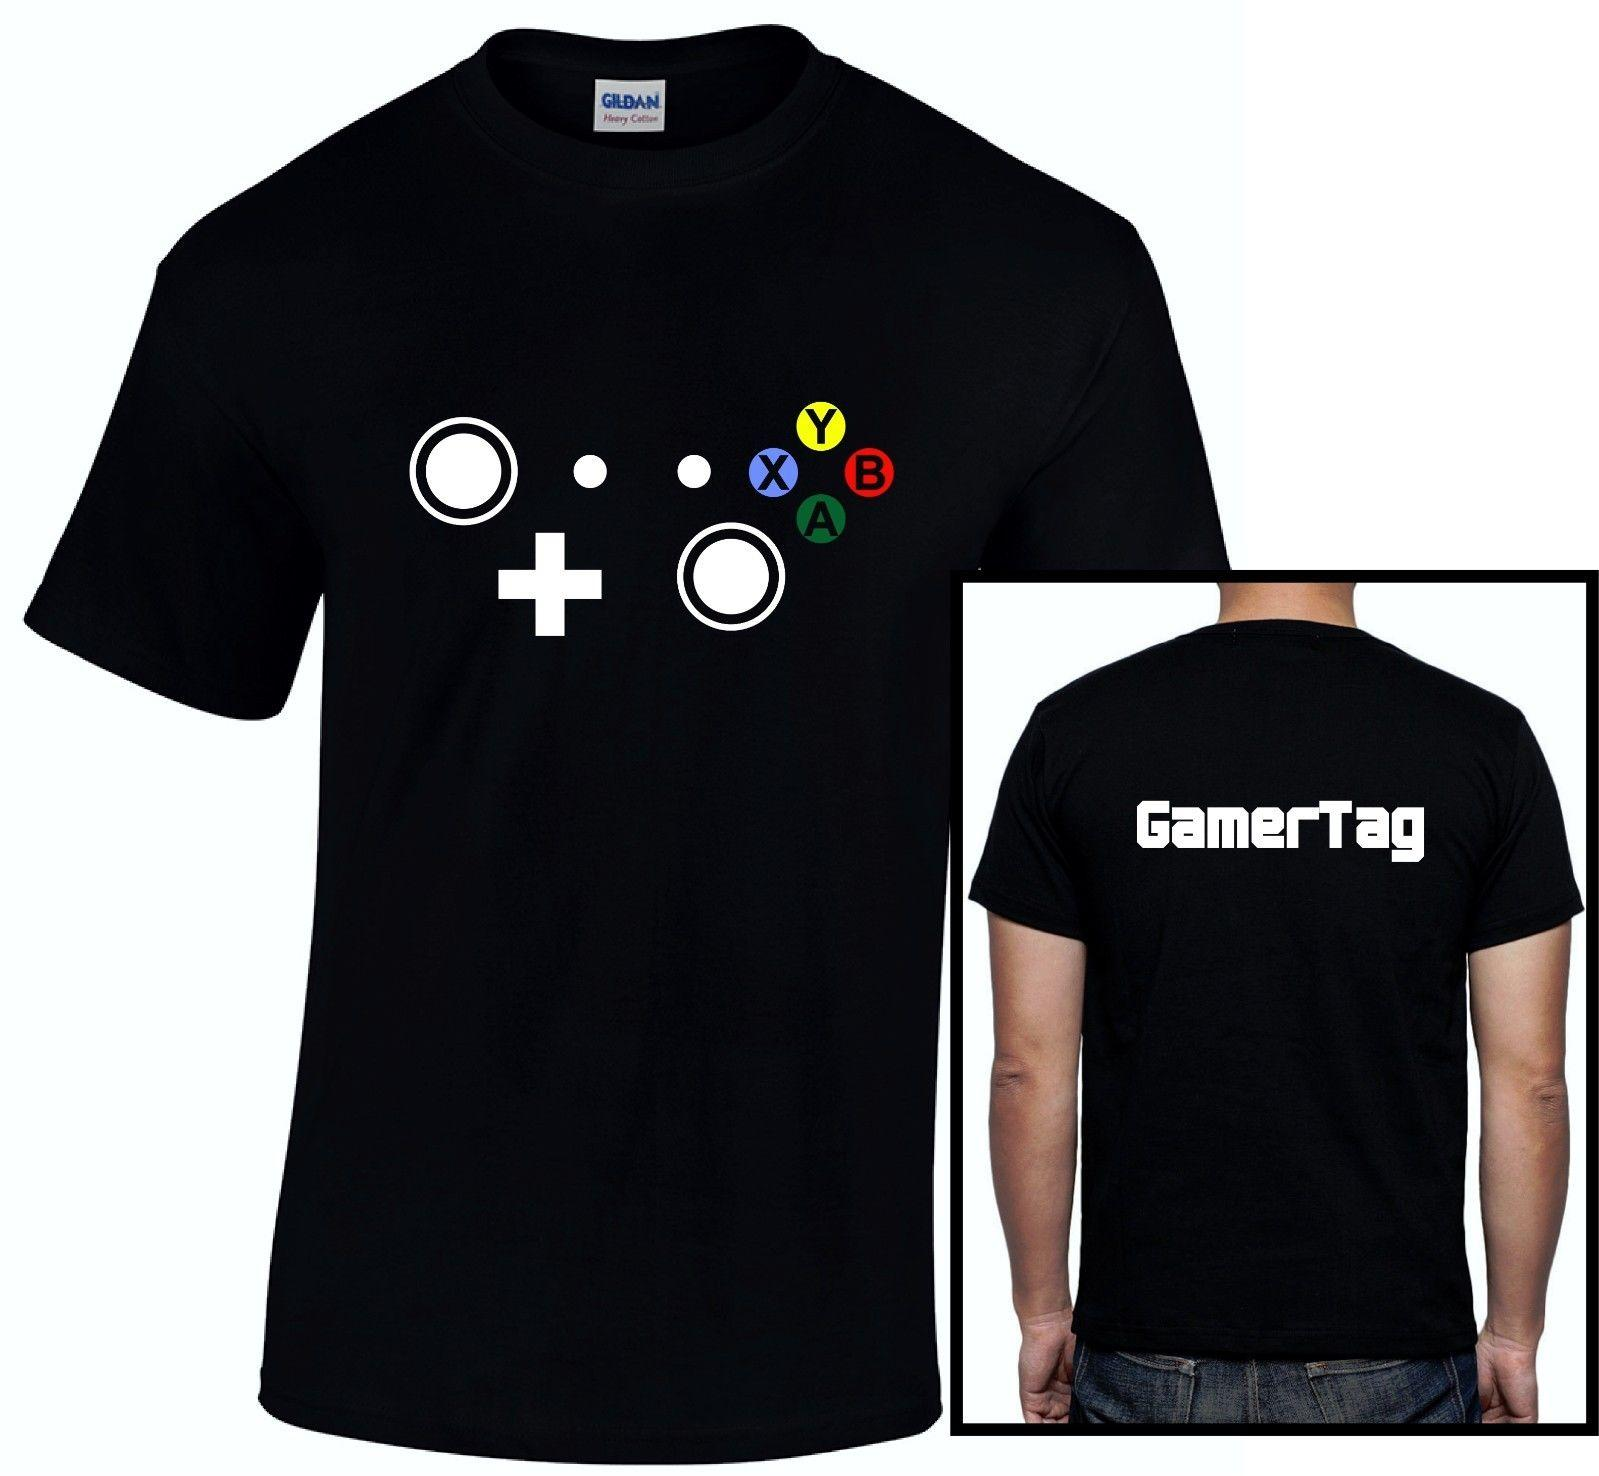 Großhandel Gaming Controller Kinder, Jungs Herren T Shirt, Geschenk ...